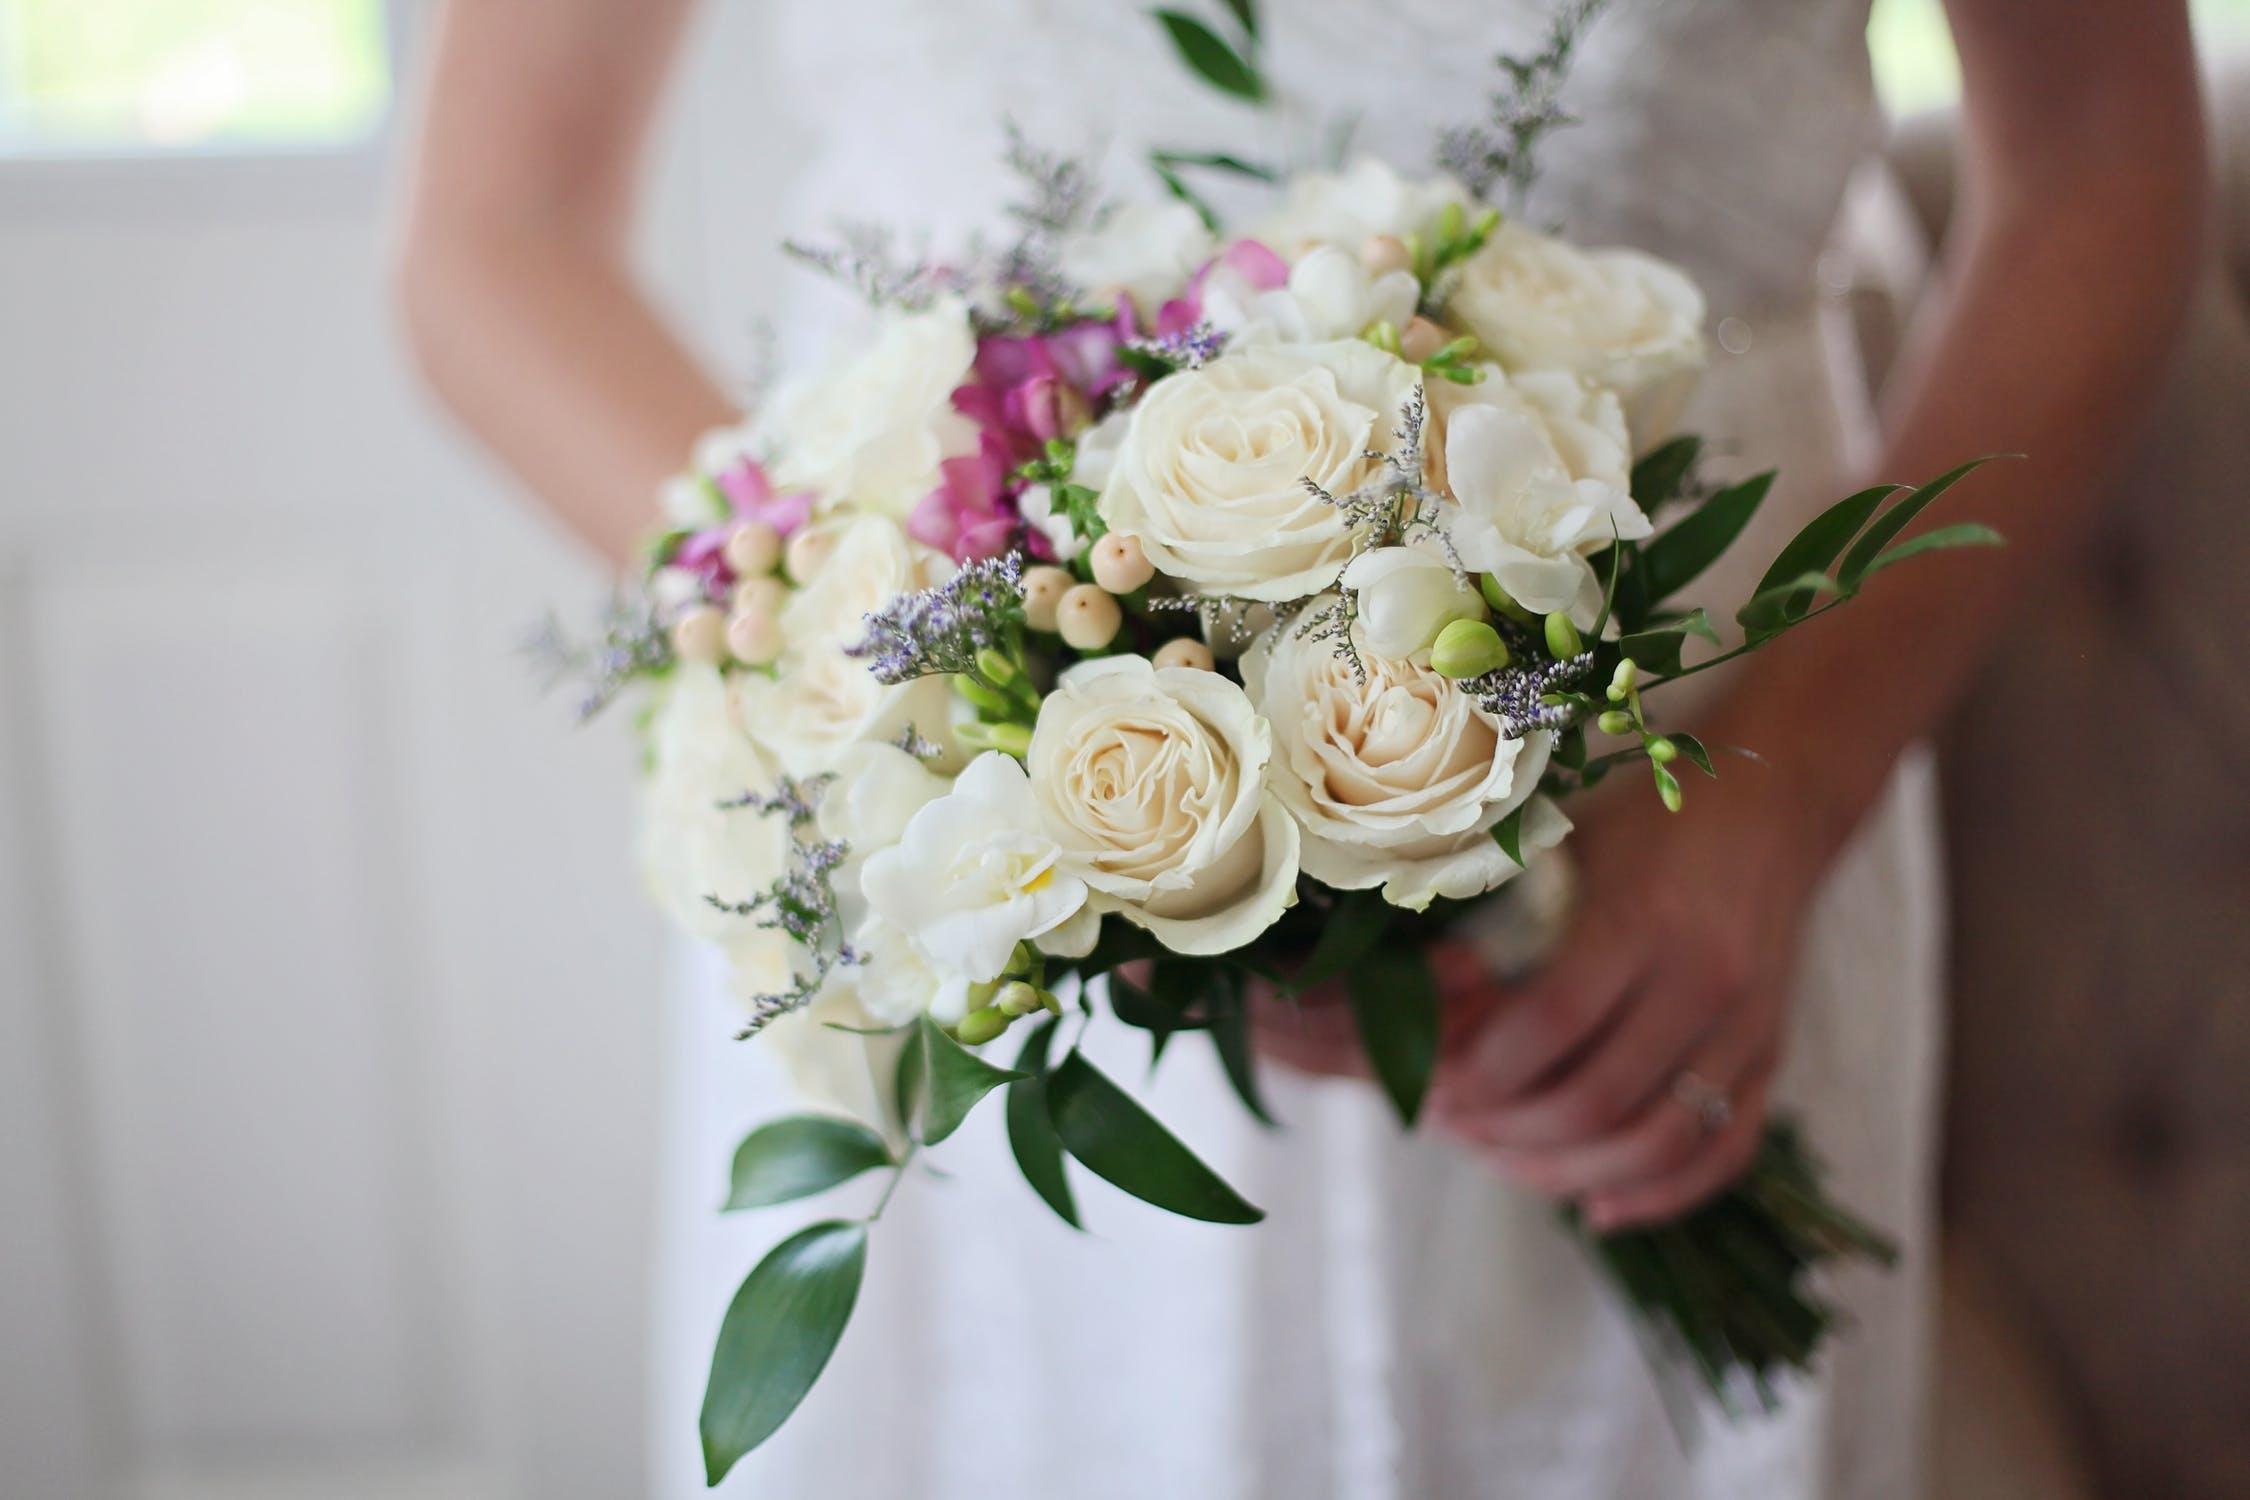 【新人ブログ】結婚式とてさげ.net